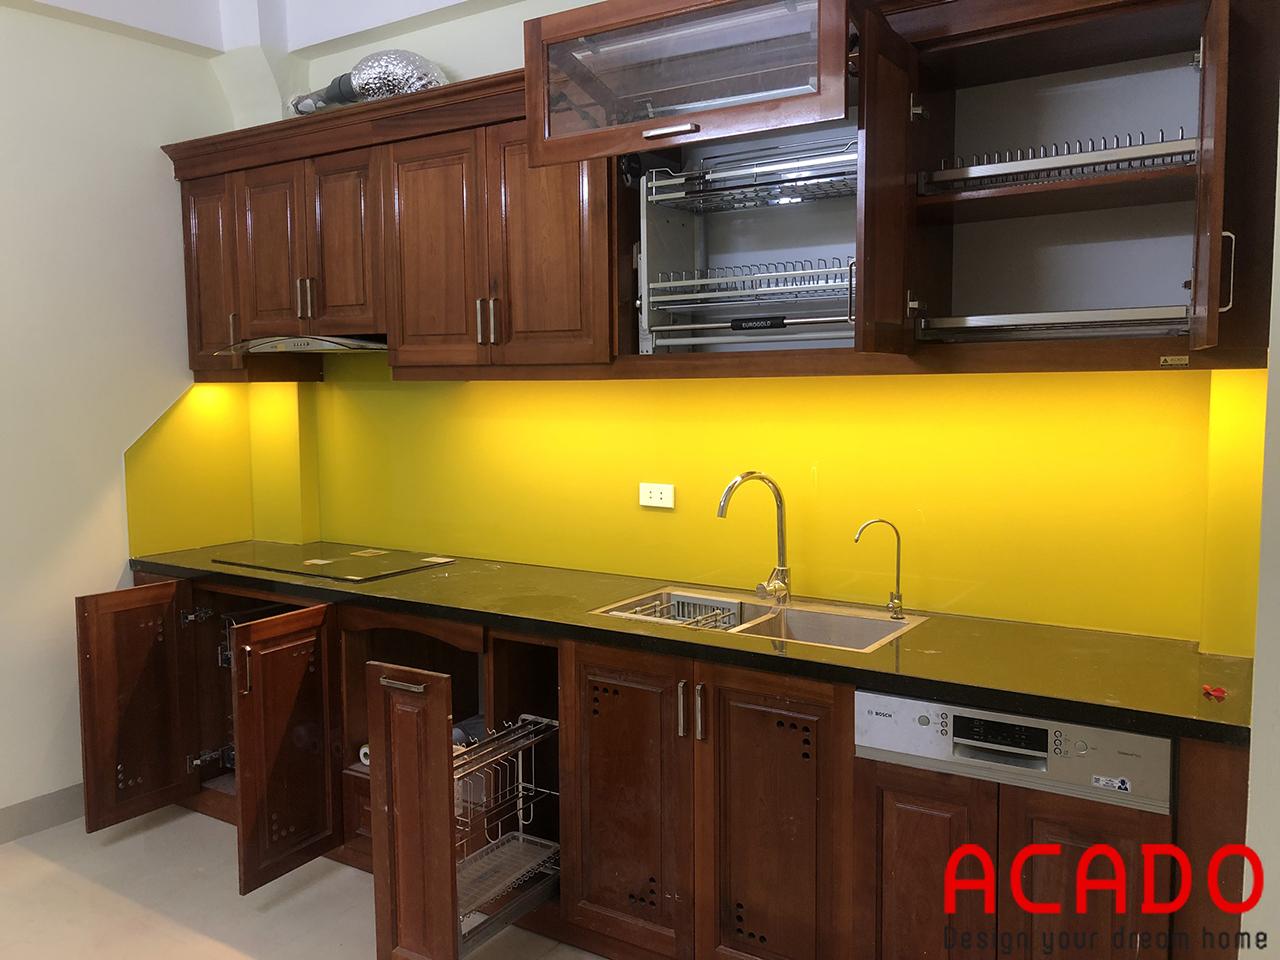 Tủ bếp xoan đào của gia đình cô Hợi khi hoàn thiện-nội thất ACADO